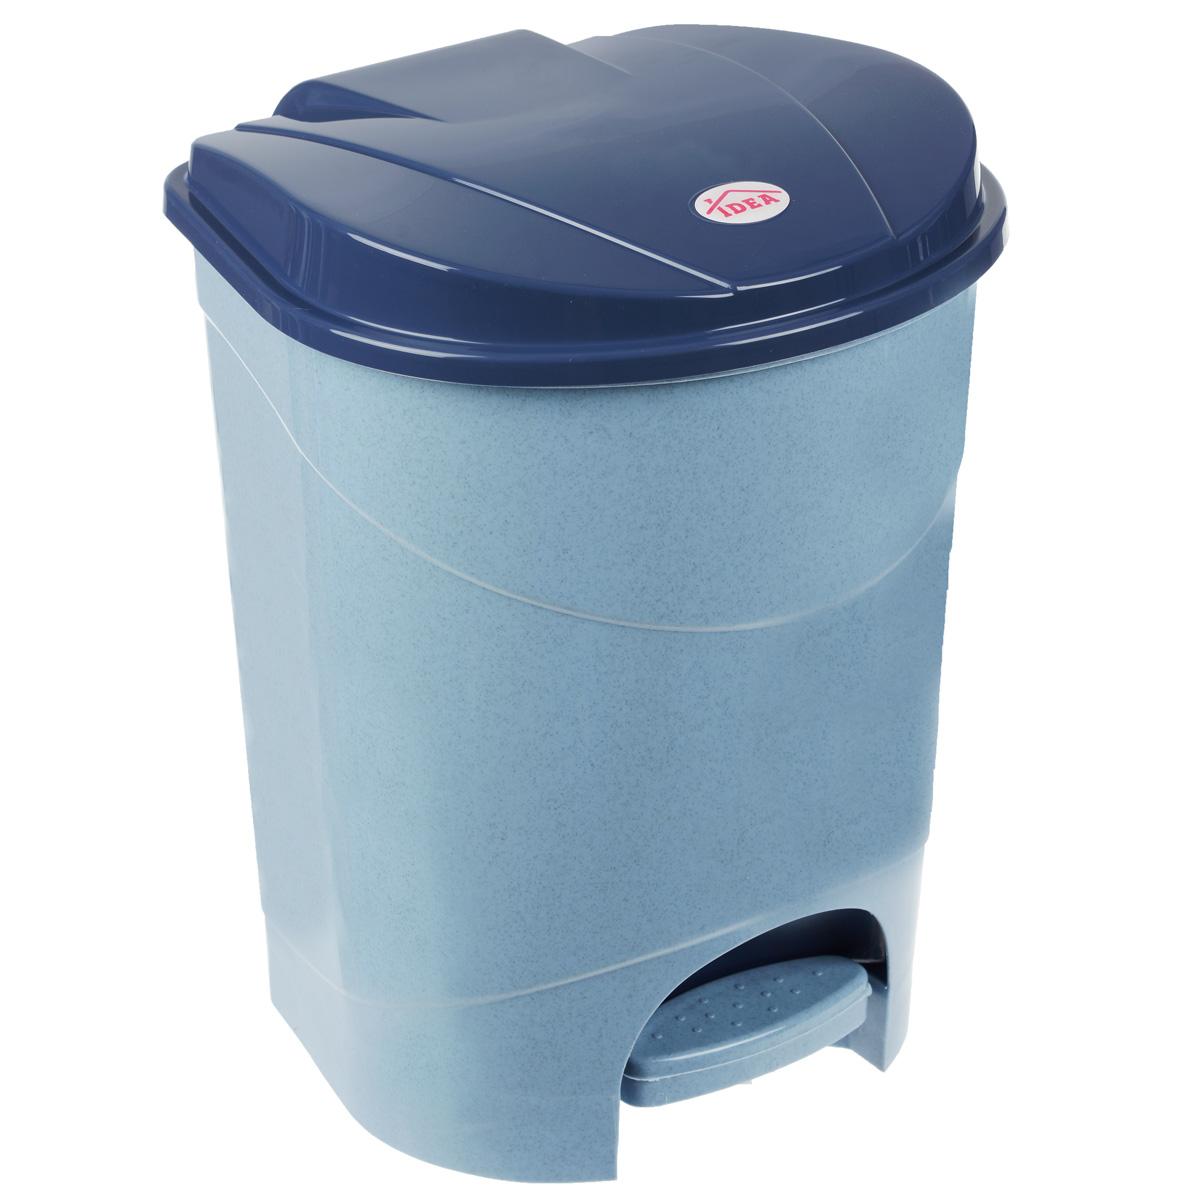 Контейнер для мусора Idea, с педалью, цвет: голубой мрамор, 7 лМ 2890Мусорный контейнер Idea, выполненный из прочного пластика, не боится ударов и долгих лет использования. Изделие оснащено педалью, с помощью которой можно открыть крышку. Закрывается крышка практически бесшумно, плотно прилегает, предотвращая распространение запаха. Внутри пластиковая емкость для мусора, которую при необходимости можно достать из контейнера. Интересный дизайн разнообразит интерьер кухни и сделает его более оригинальным.